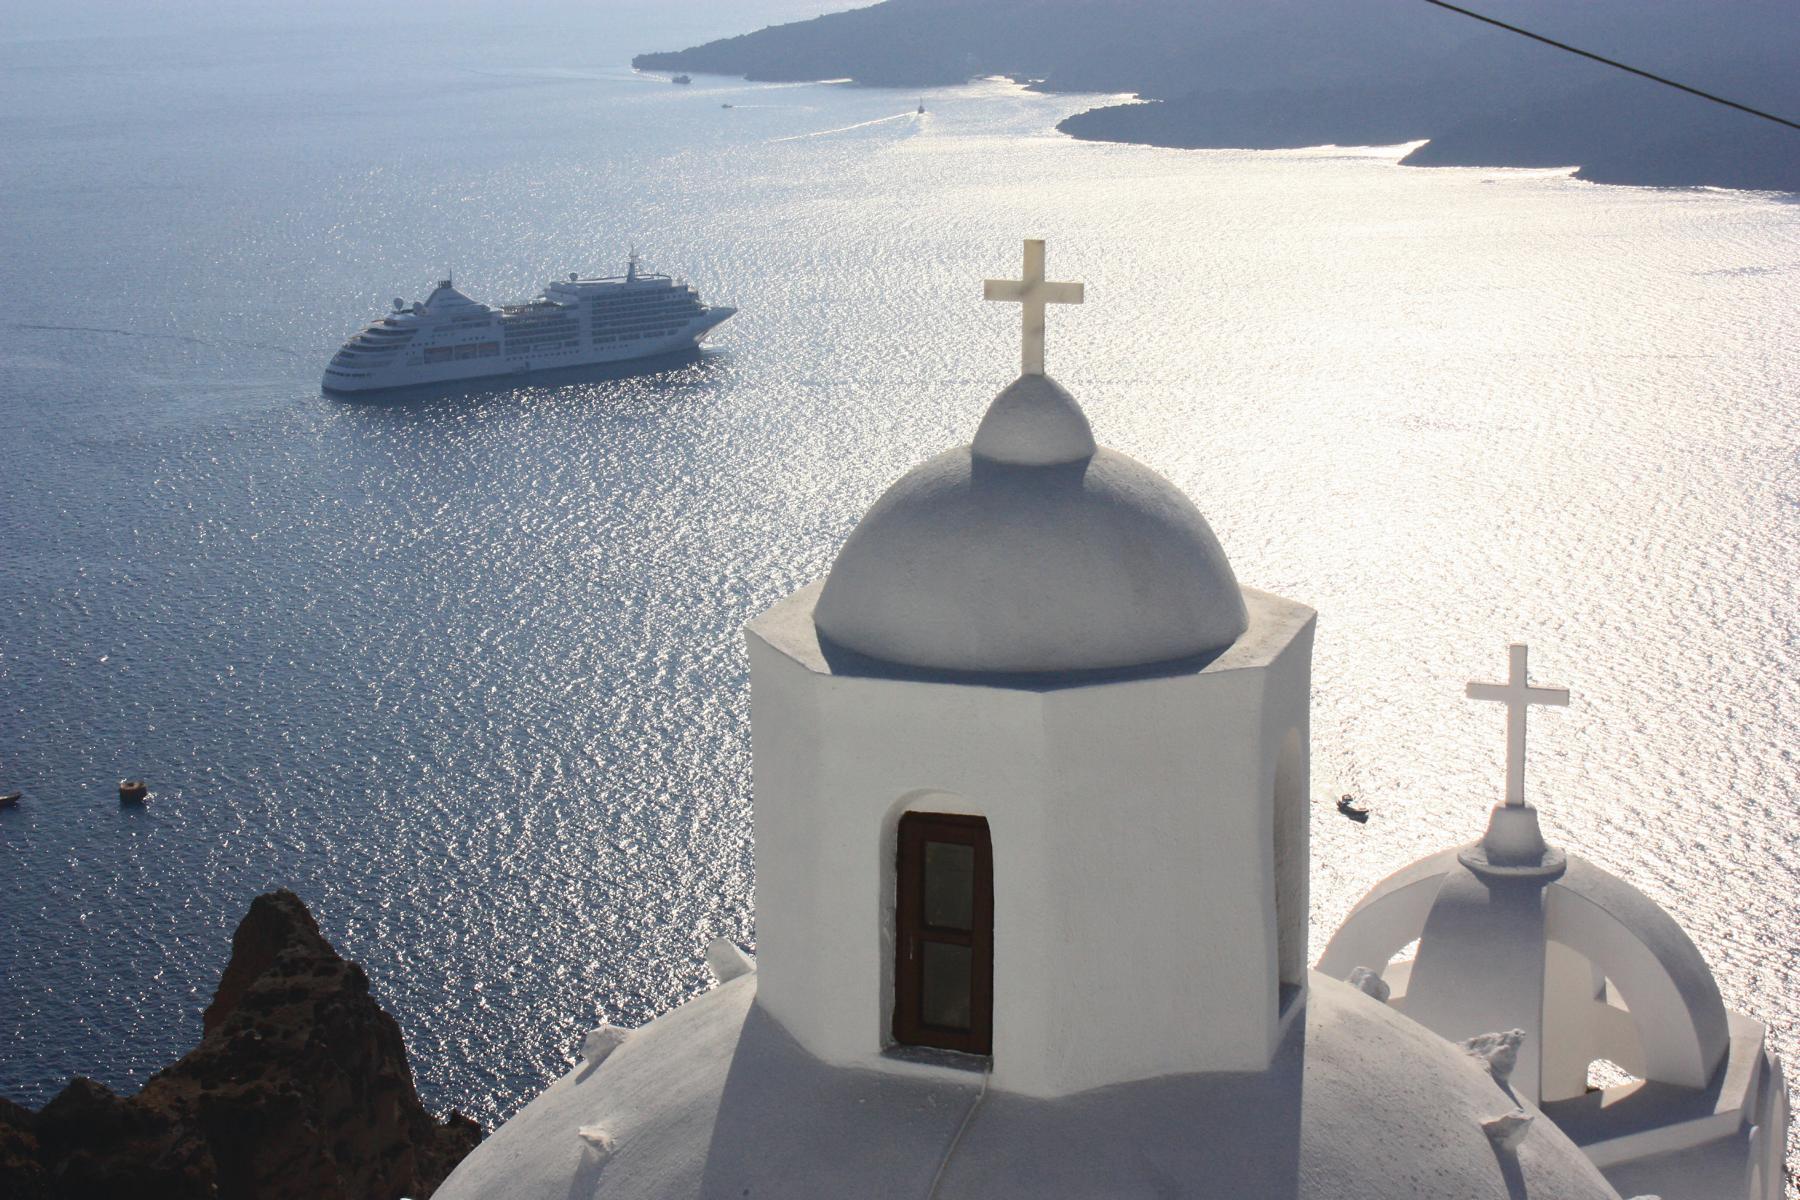 Griechische Kirche mit der Silver Wind von Silversea Cruises im Hintergrund